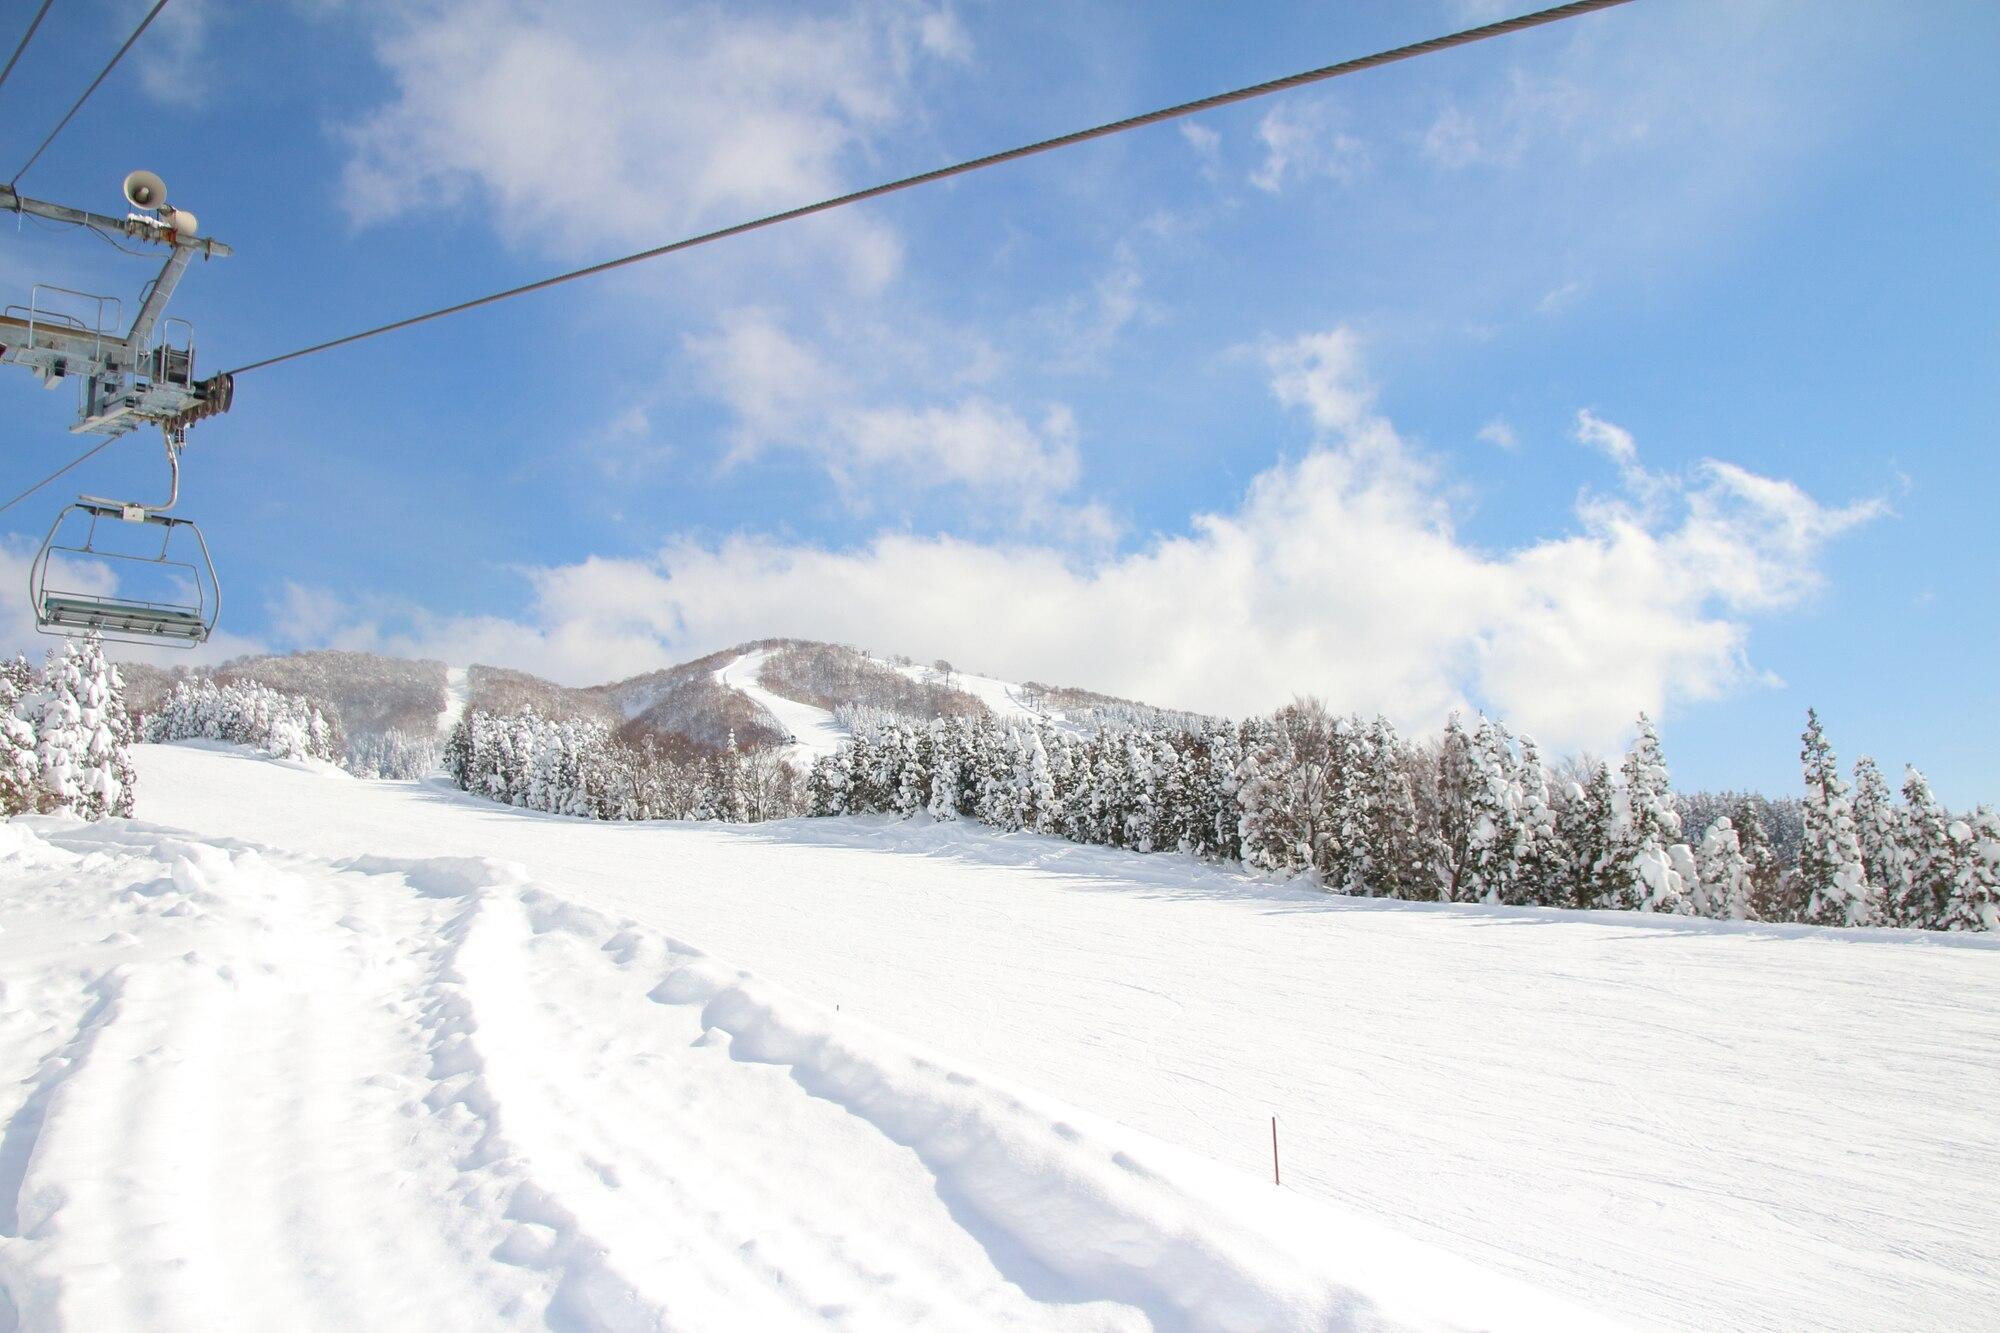 冬の福井を観光するなら抑えておきたいおすすめ注目スポット5選